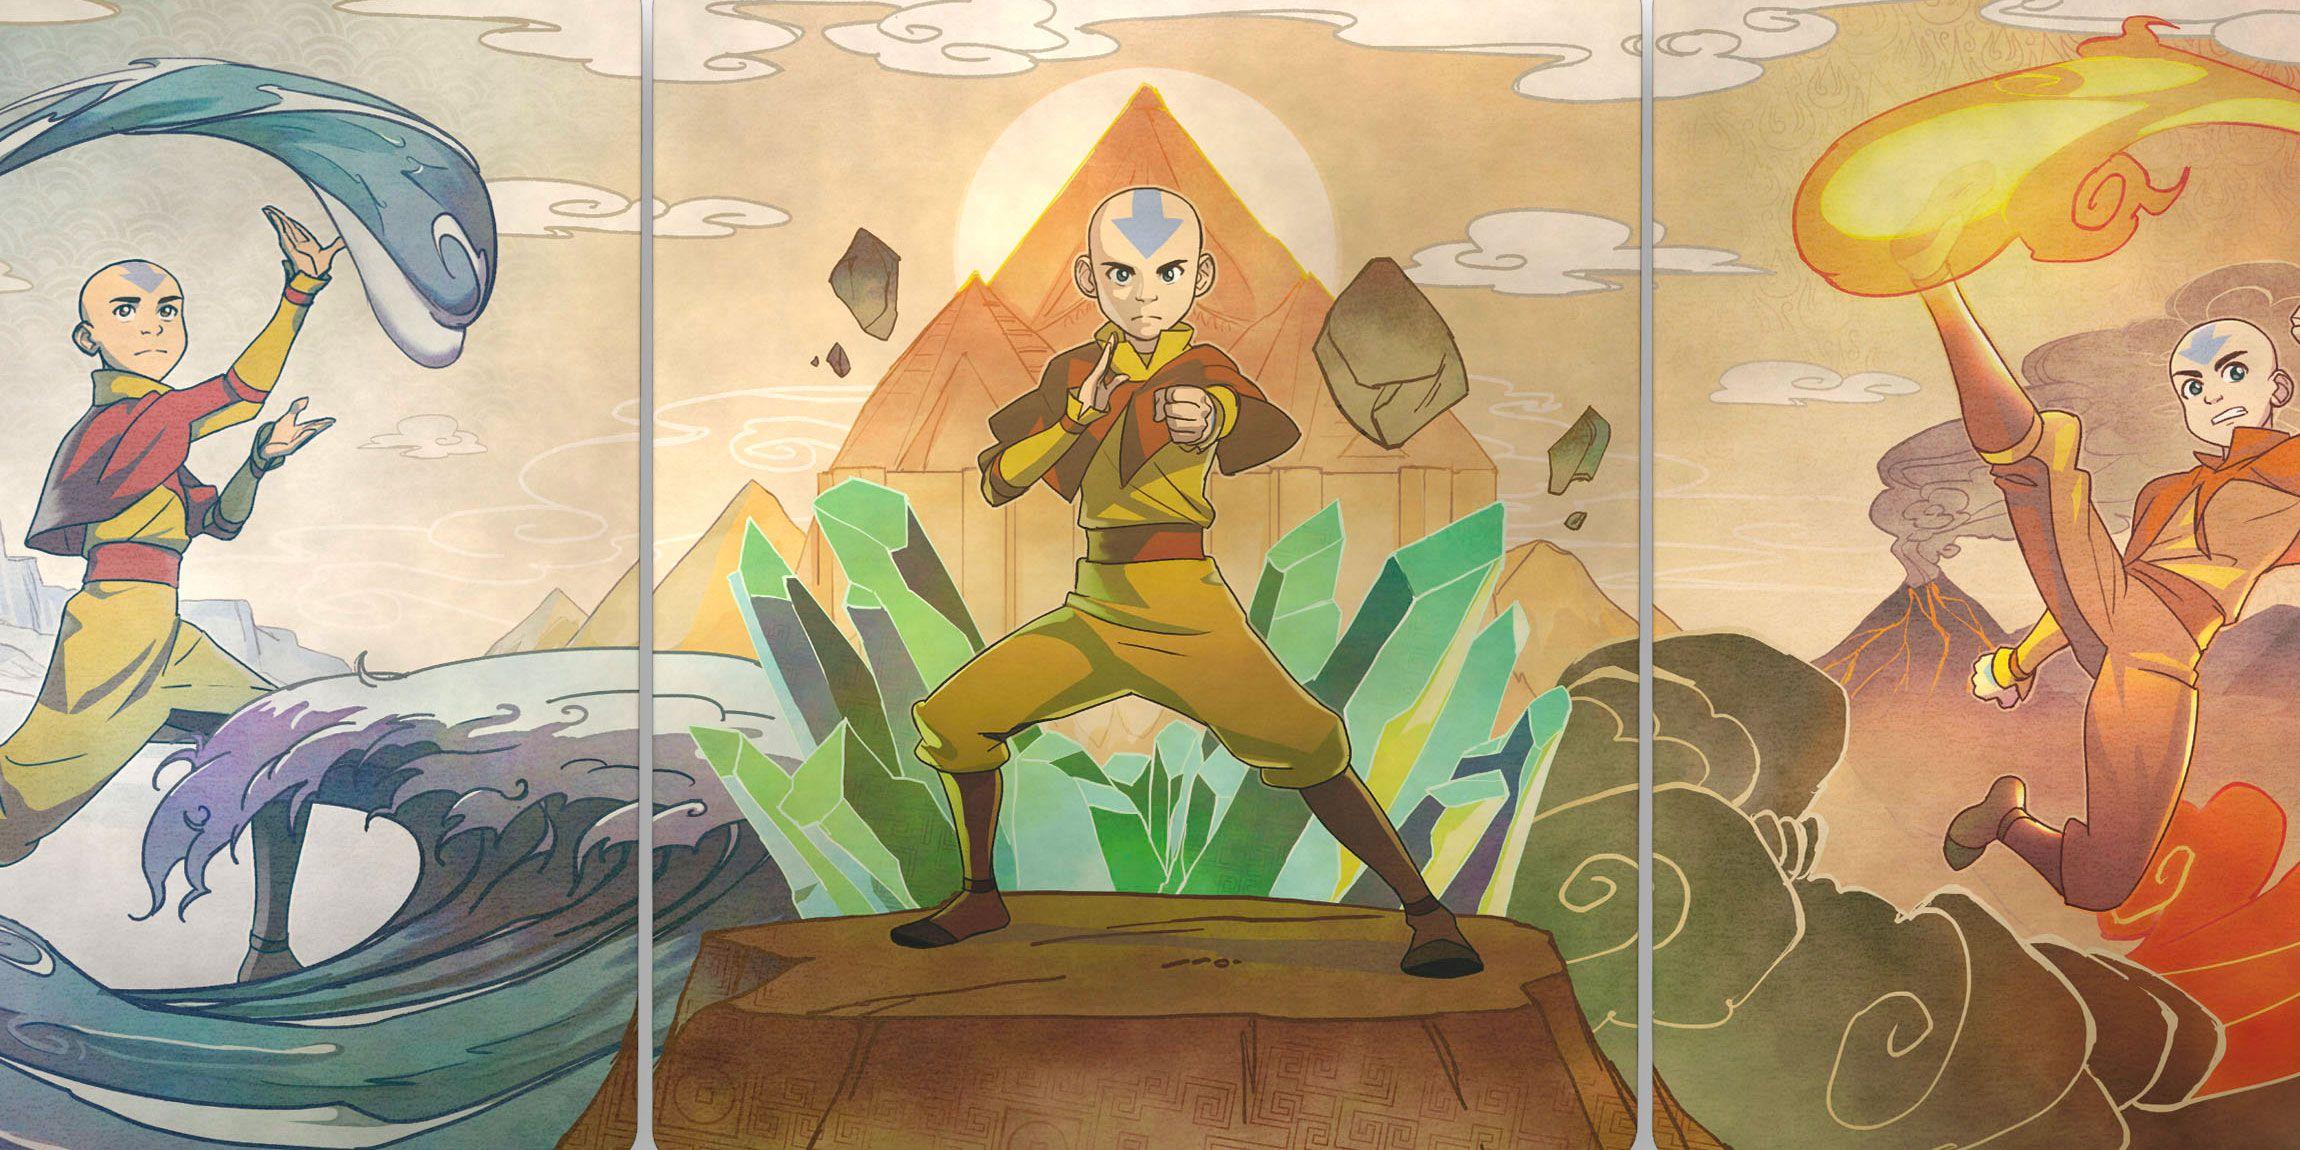 Avatar: The Last Airbender Blu-ray Steelbook Coming in ...The Last Airbender 2 Movie 2020